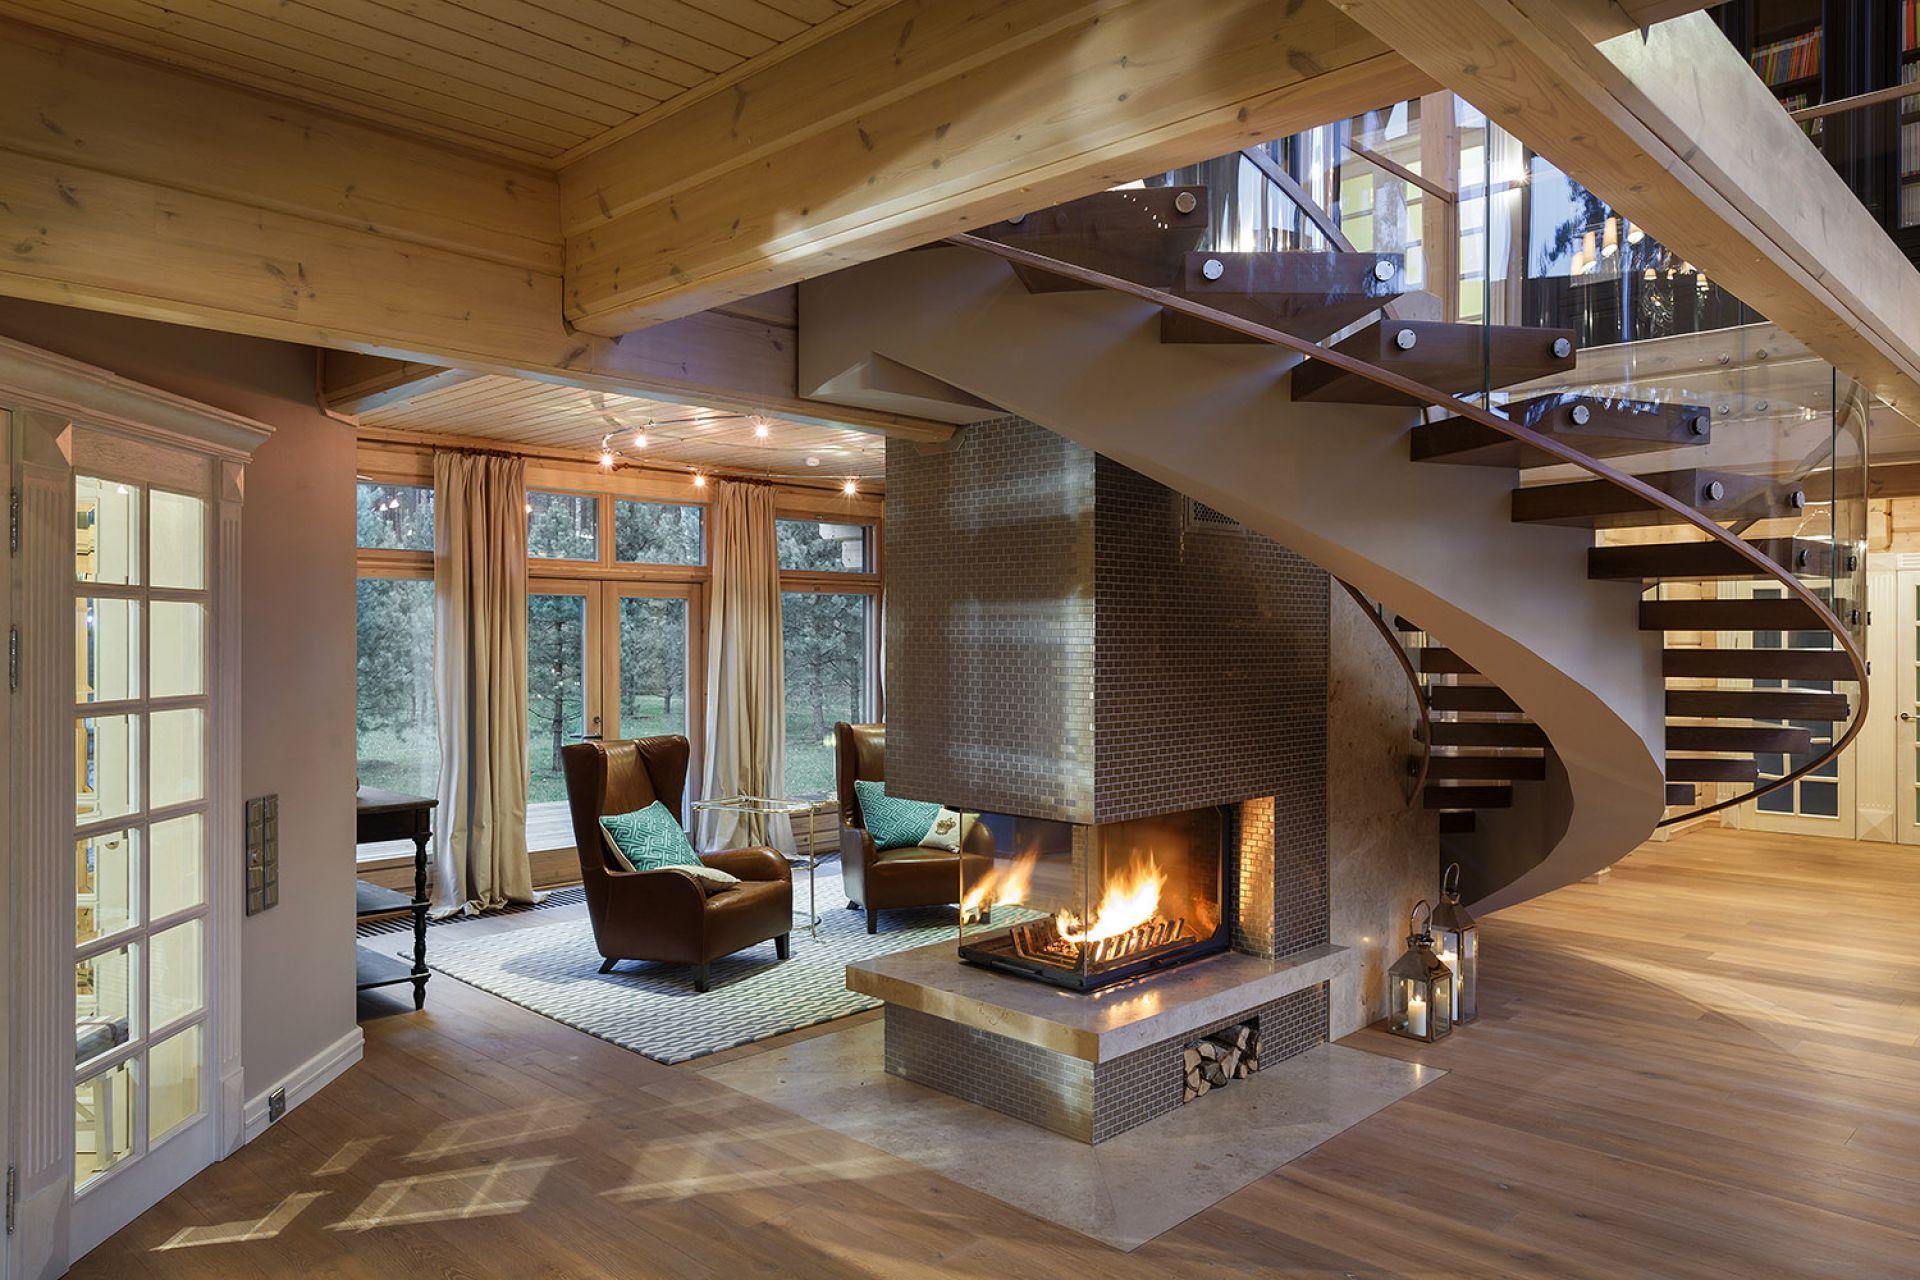 лестница на второй этаж в частном доме идеи дизайна